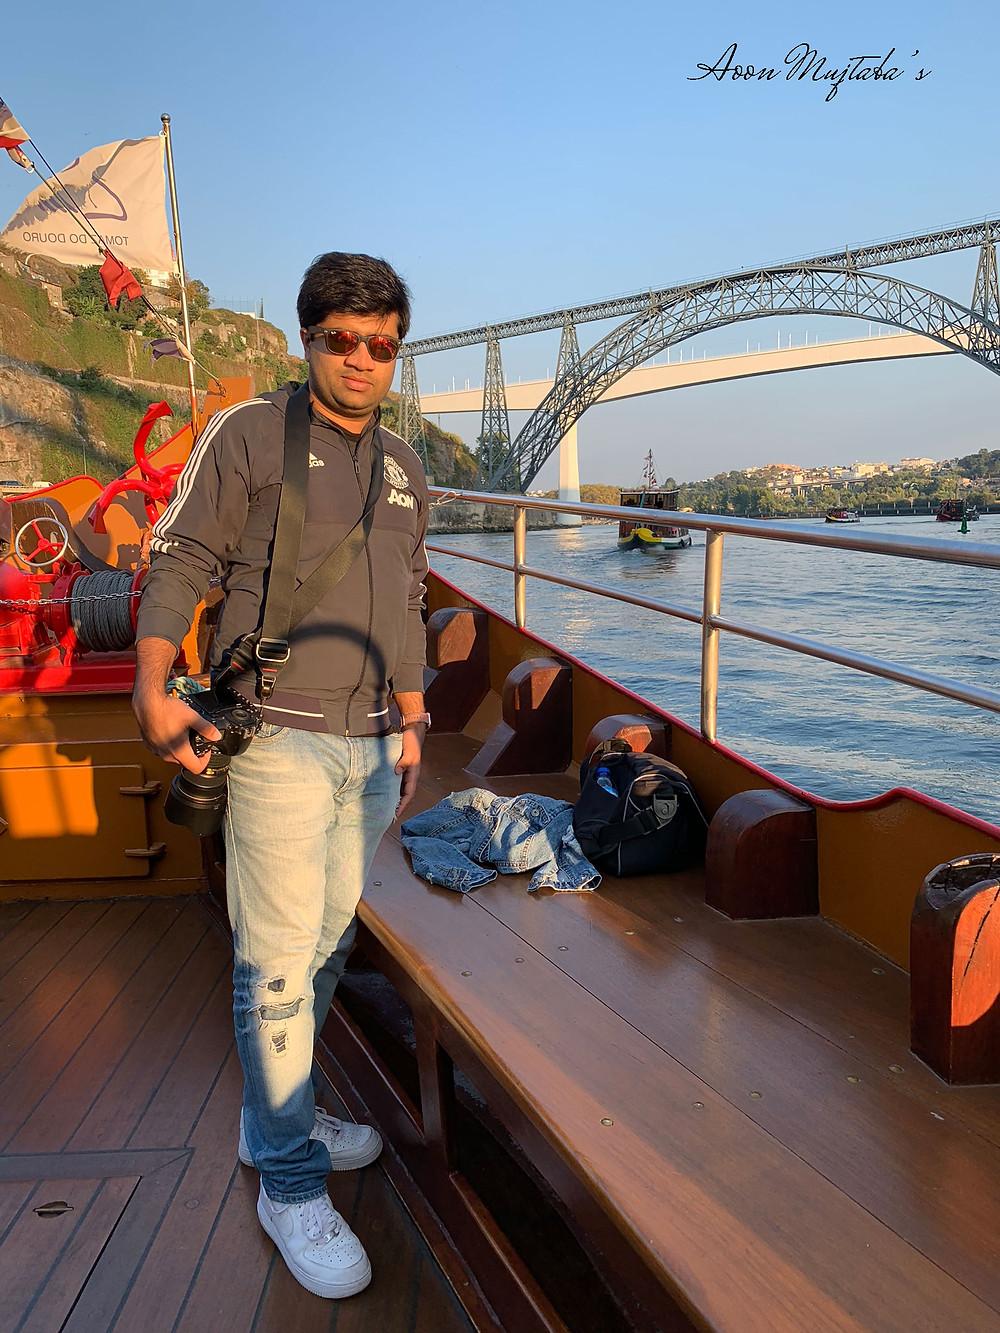 Cruise in Douro River in Porto, Portugal